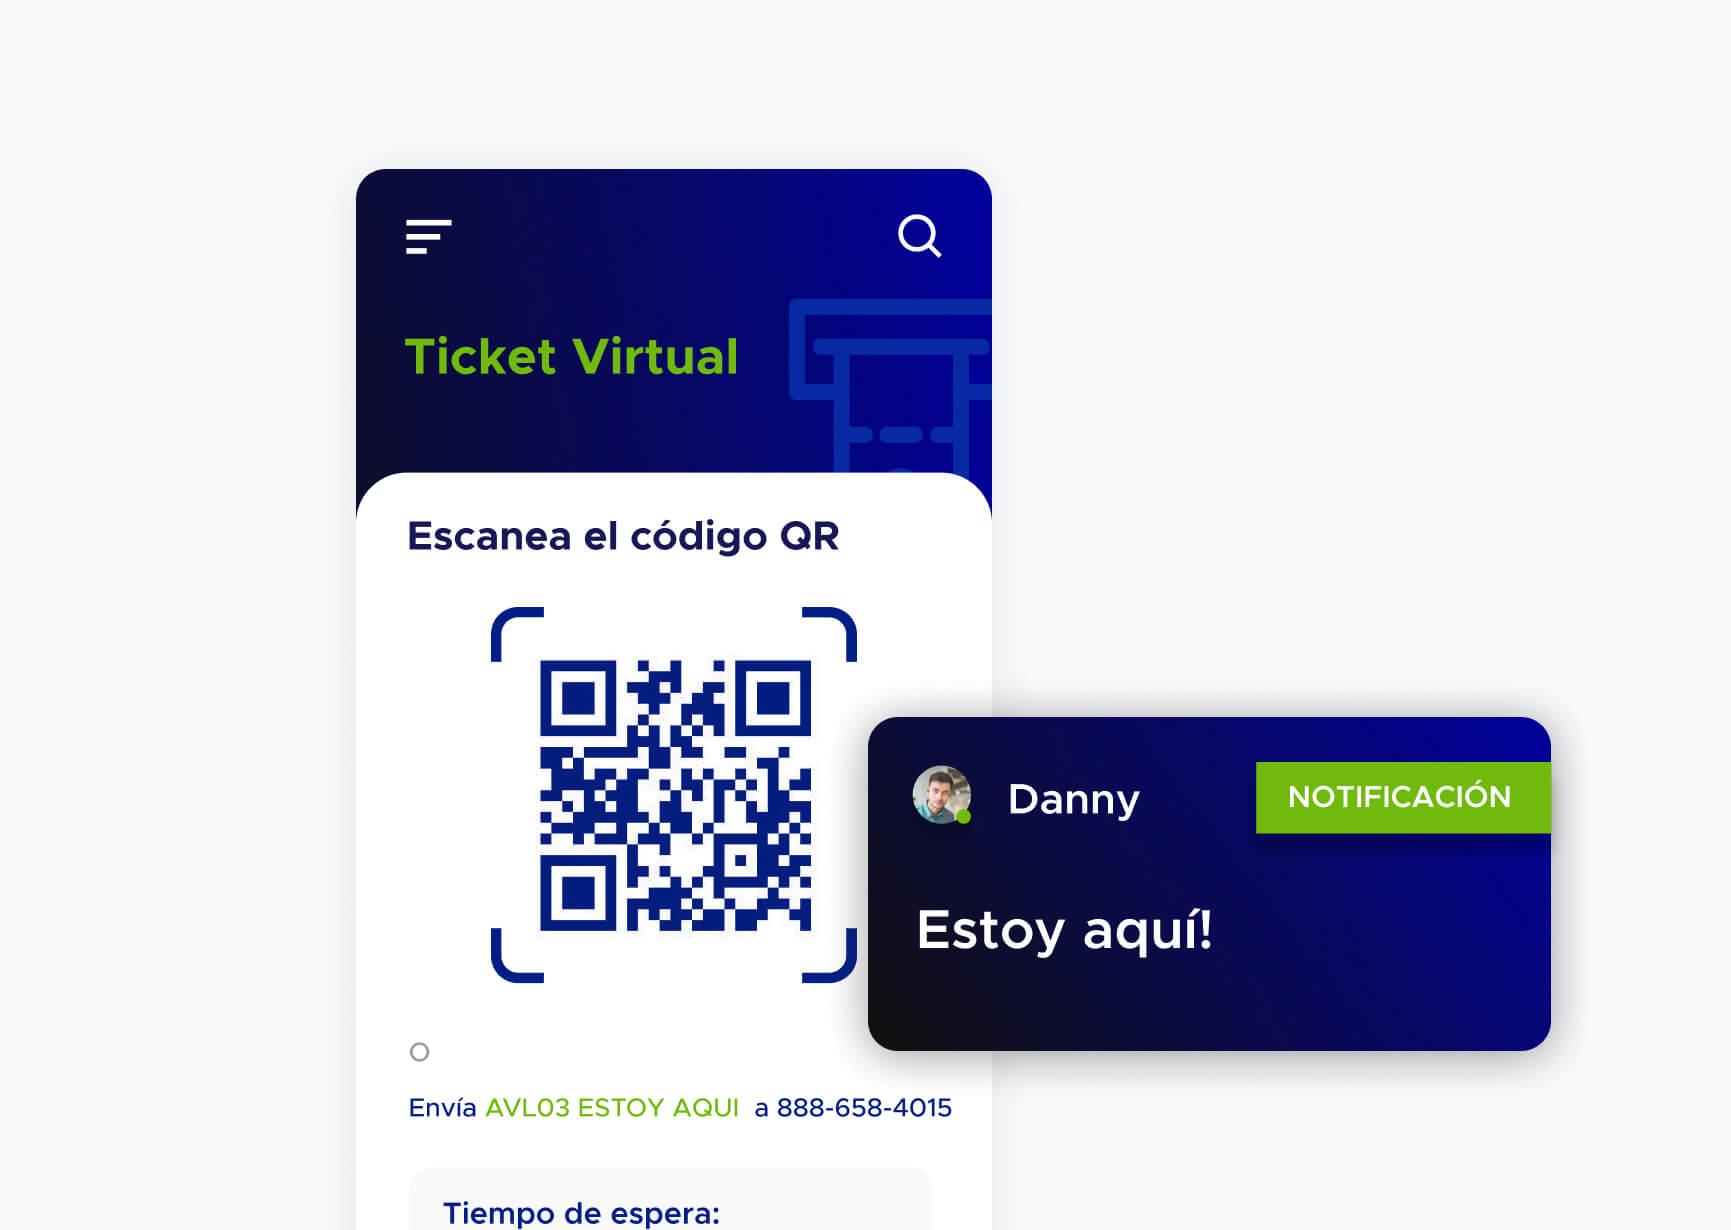 Pantalla de aplicación de ACF Technologies con un ticket virtual con un código QR y una notificación para el usuario